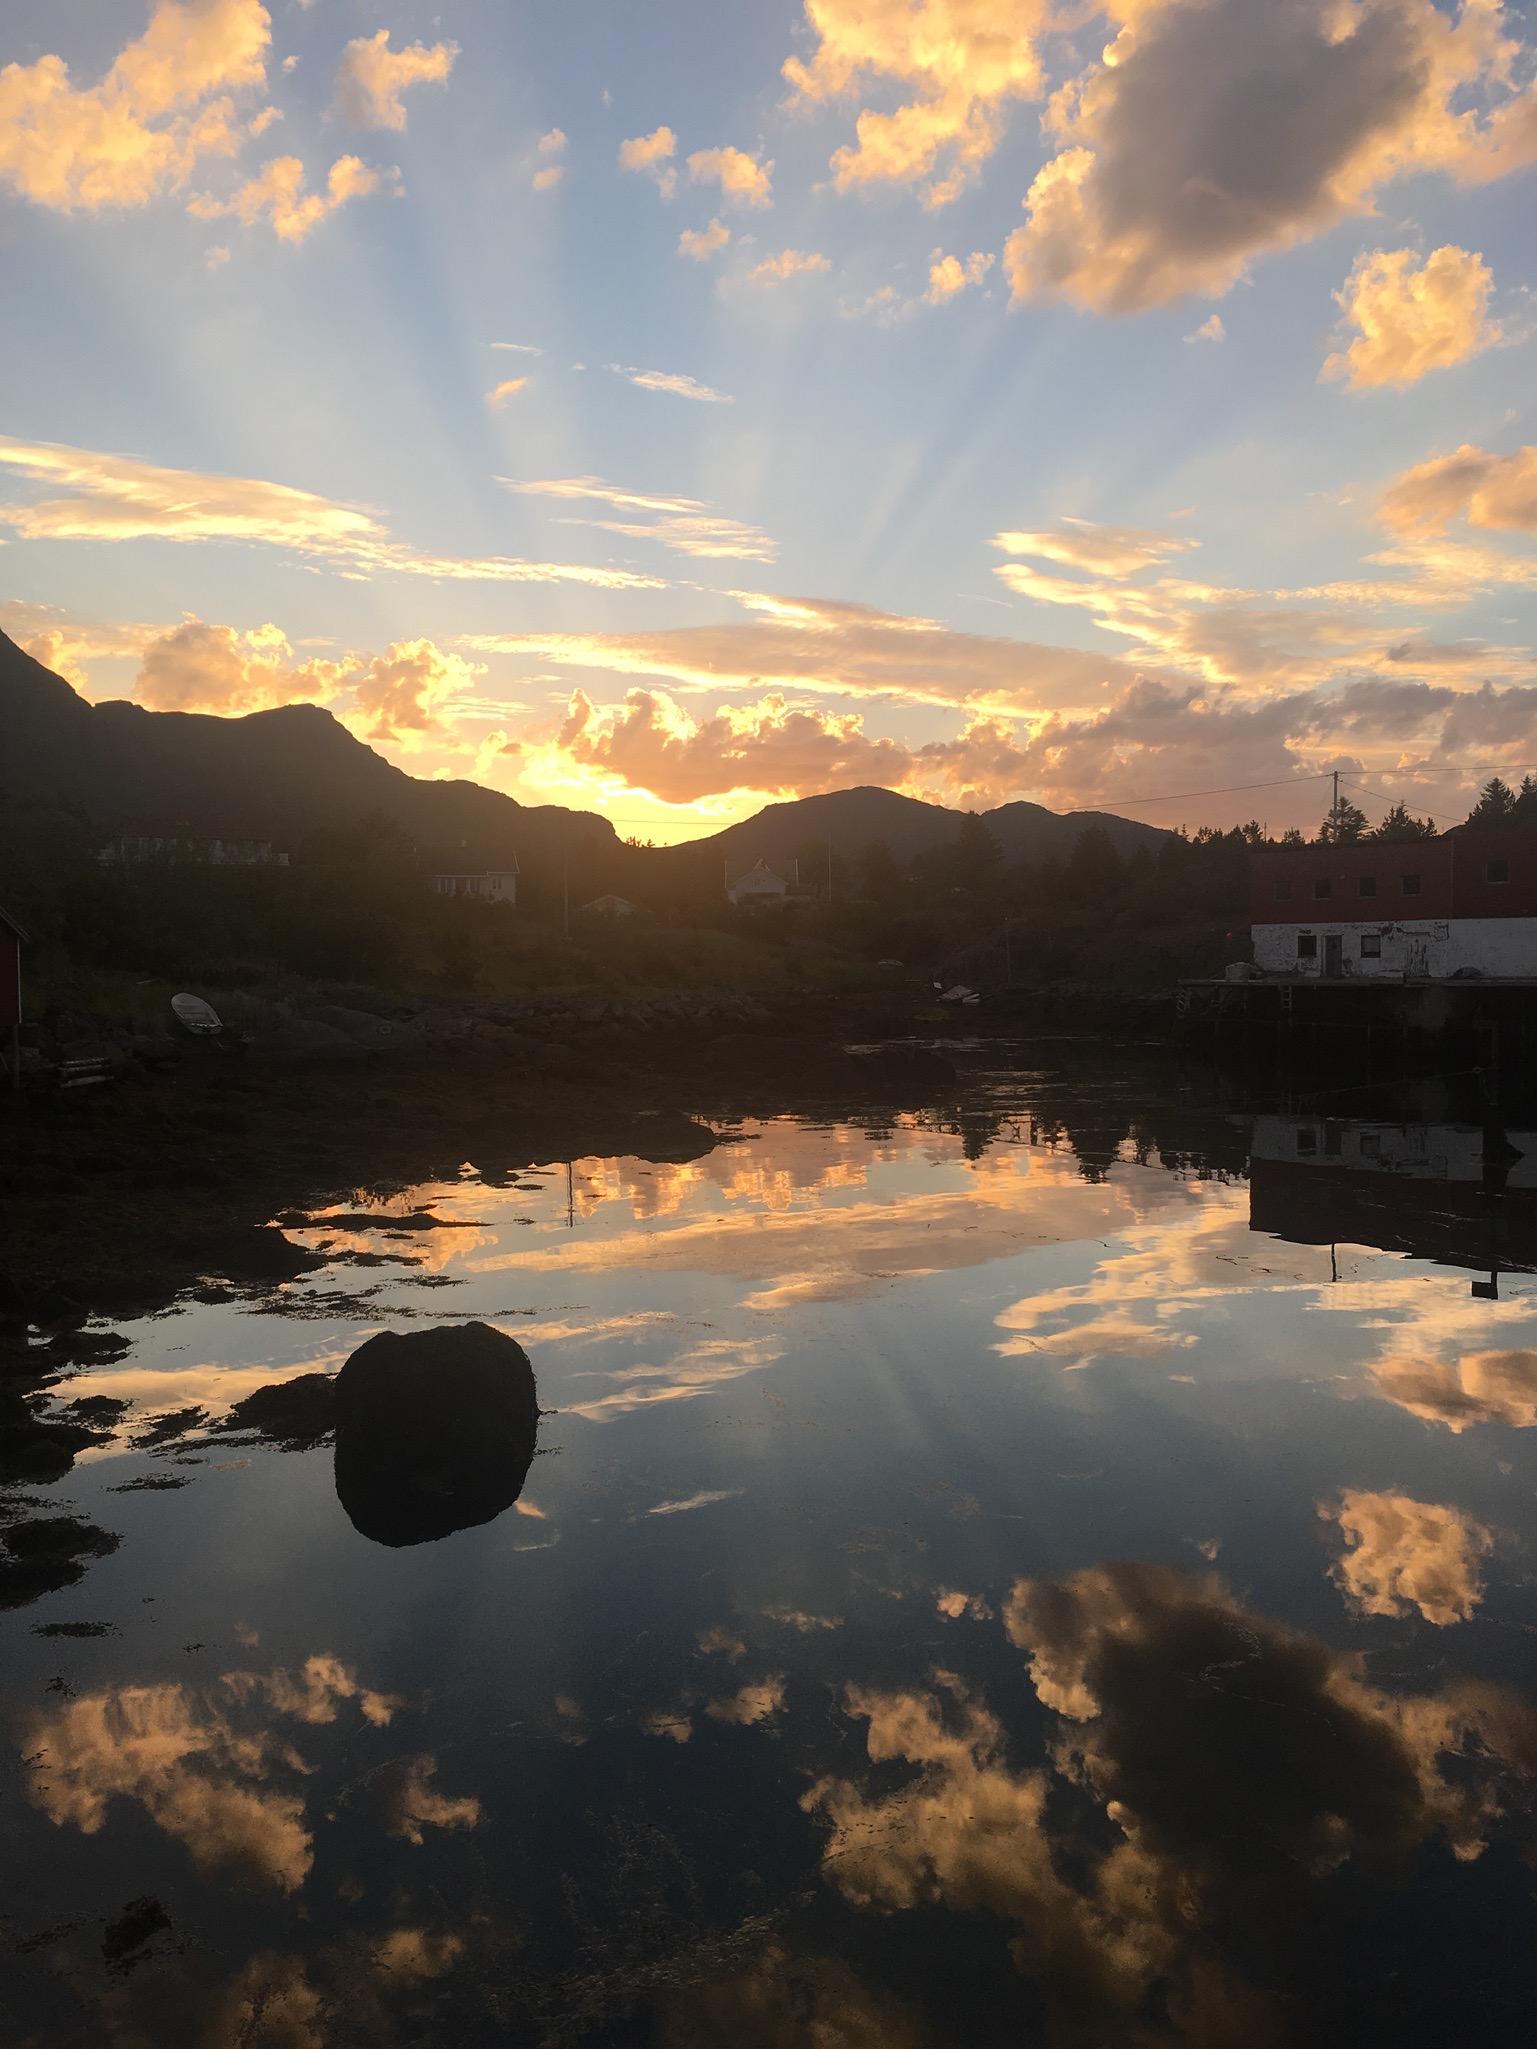 Lofoten Norwegen Reisetipps und konkrete Infos zu der Inselgruppe. Beate Finken Bloggerin bei BeFifty. Die schönsten Plätze in Norwegen / Lofoten.